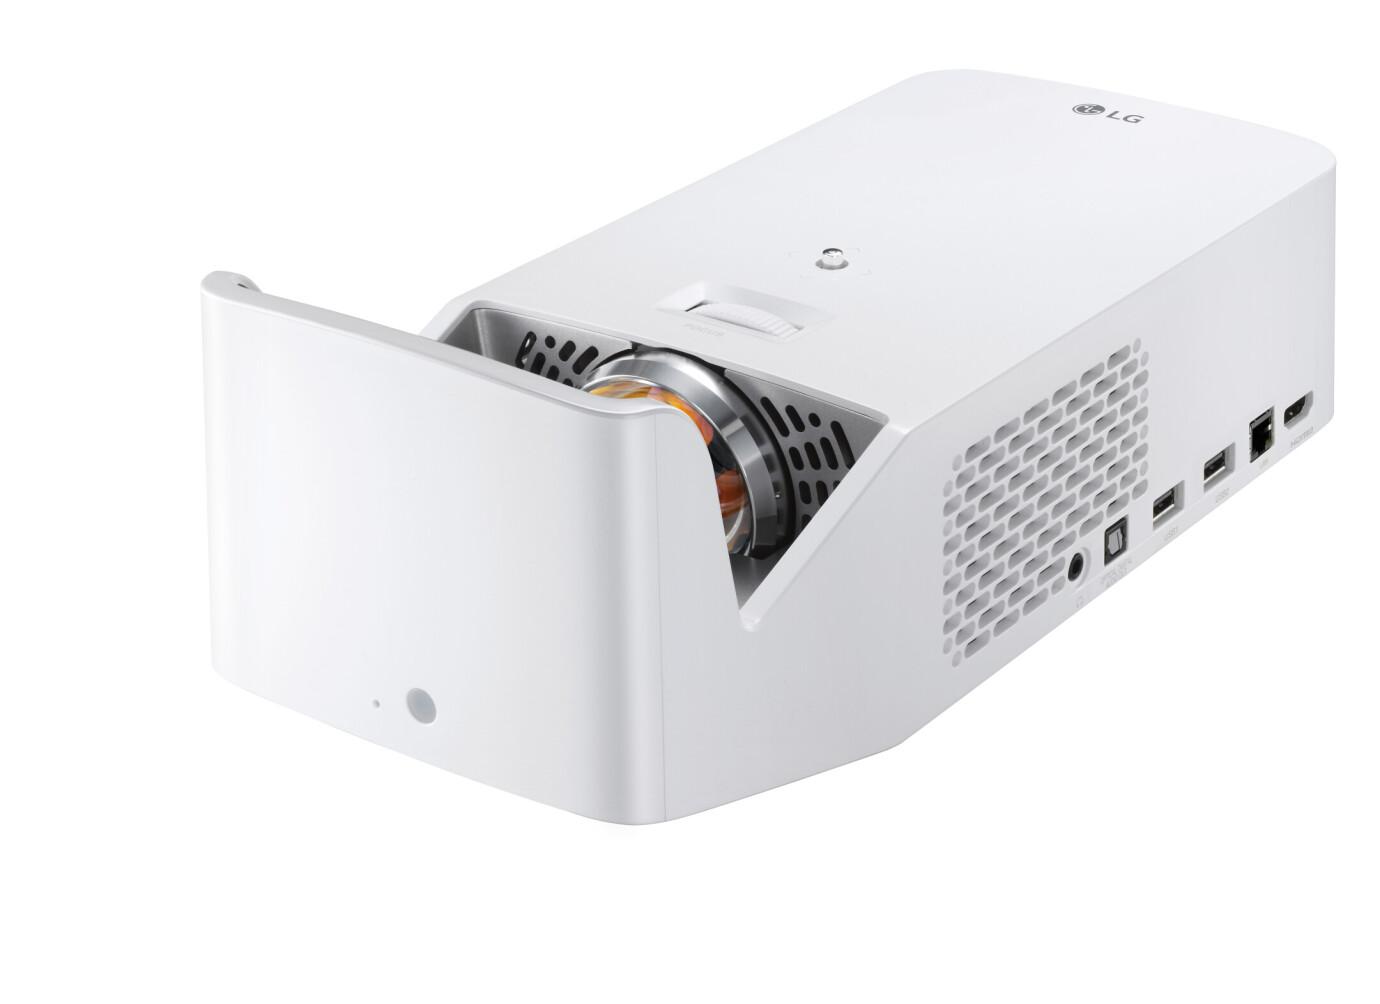 LG HF65FG Kurzdistanzbeamer mit 1000 ANSI-Lumen und Full-HD Auflösung